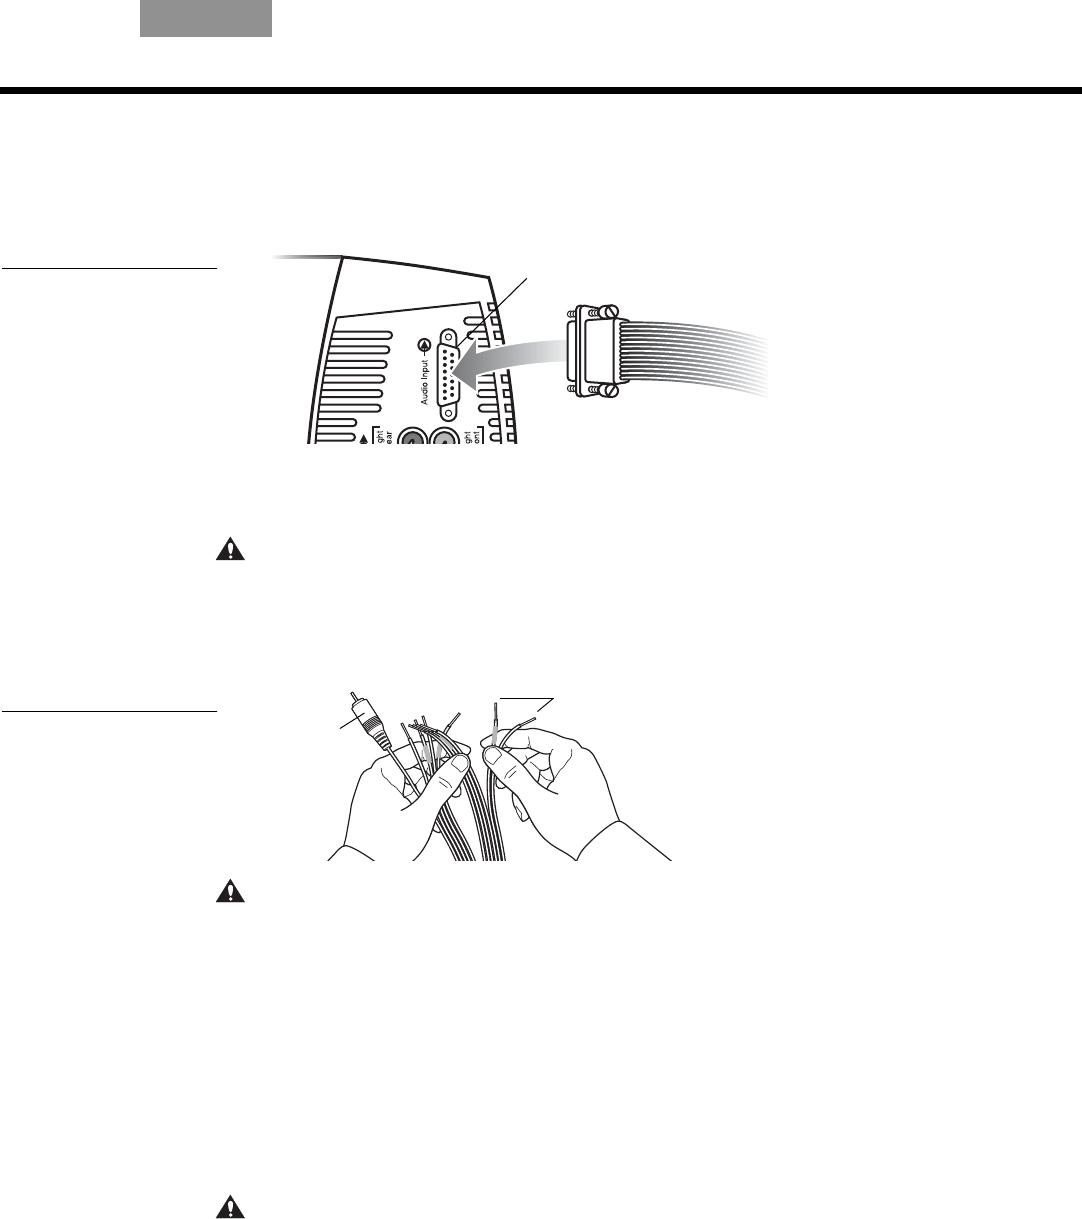 Bedienungsanleitung Bose Acoustimass 6 series III (Seite 9 von 16 ...